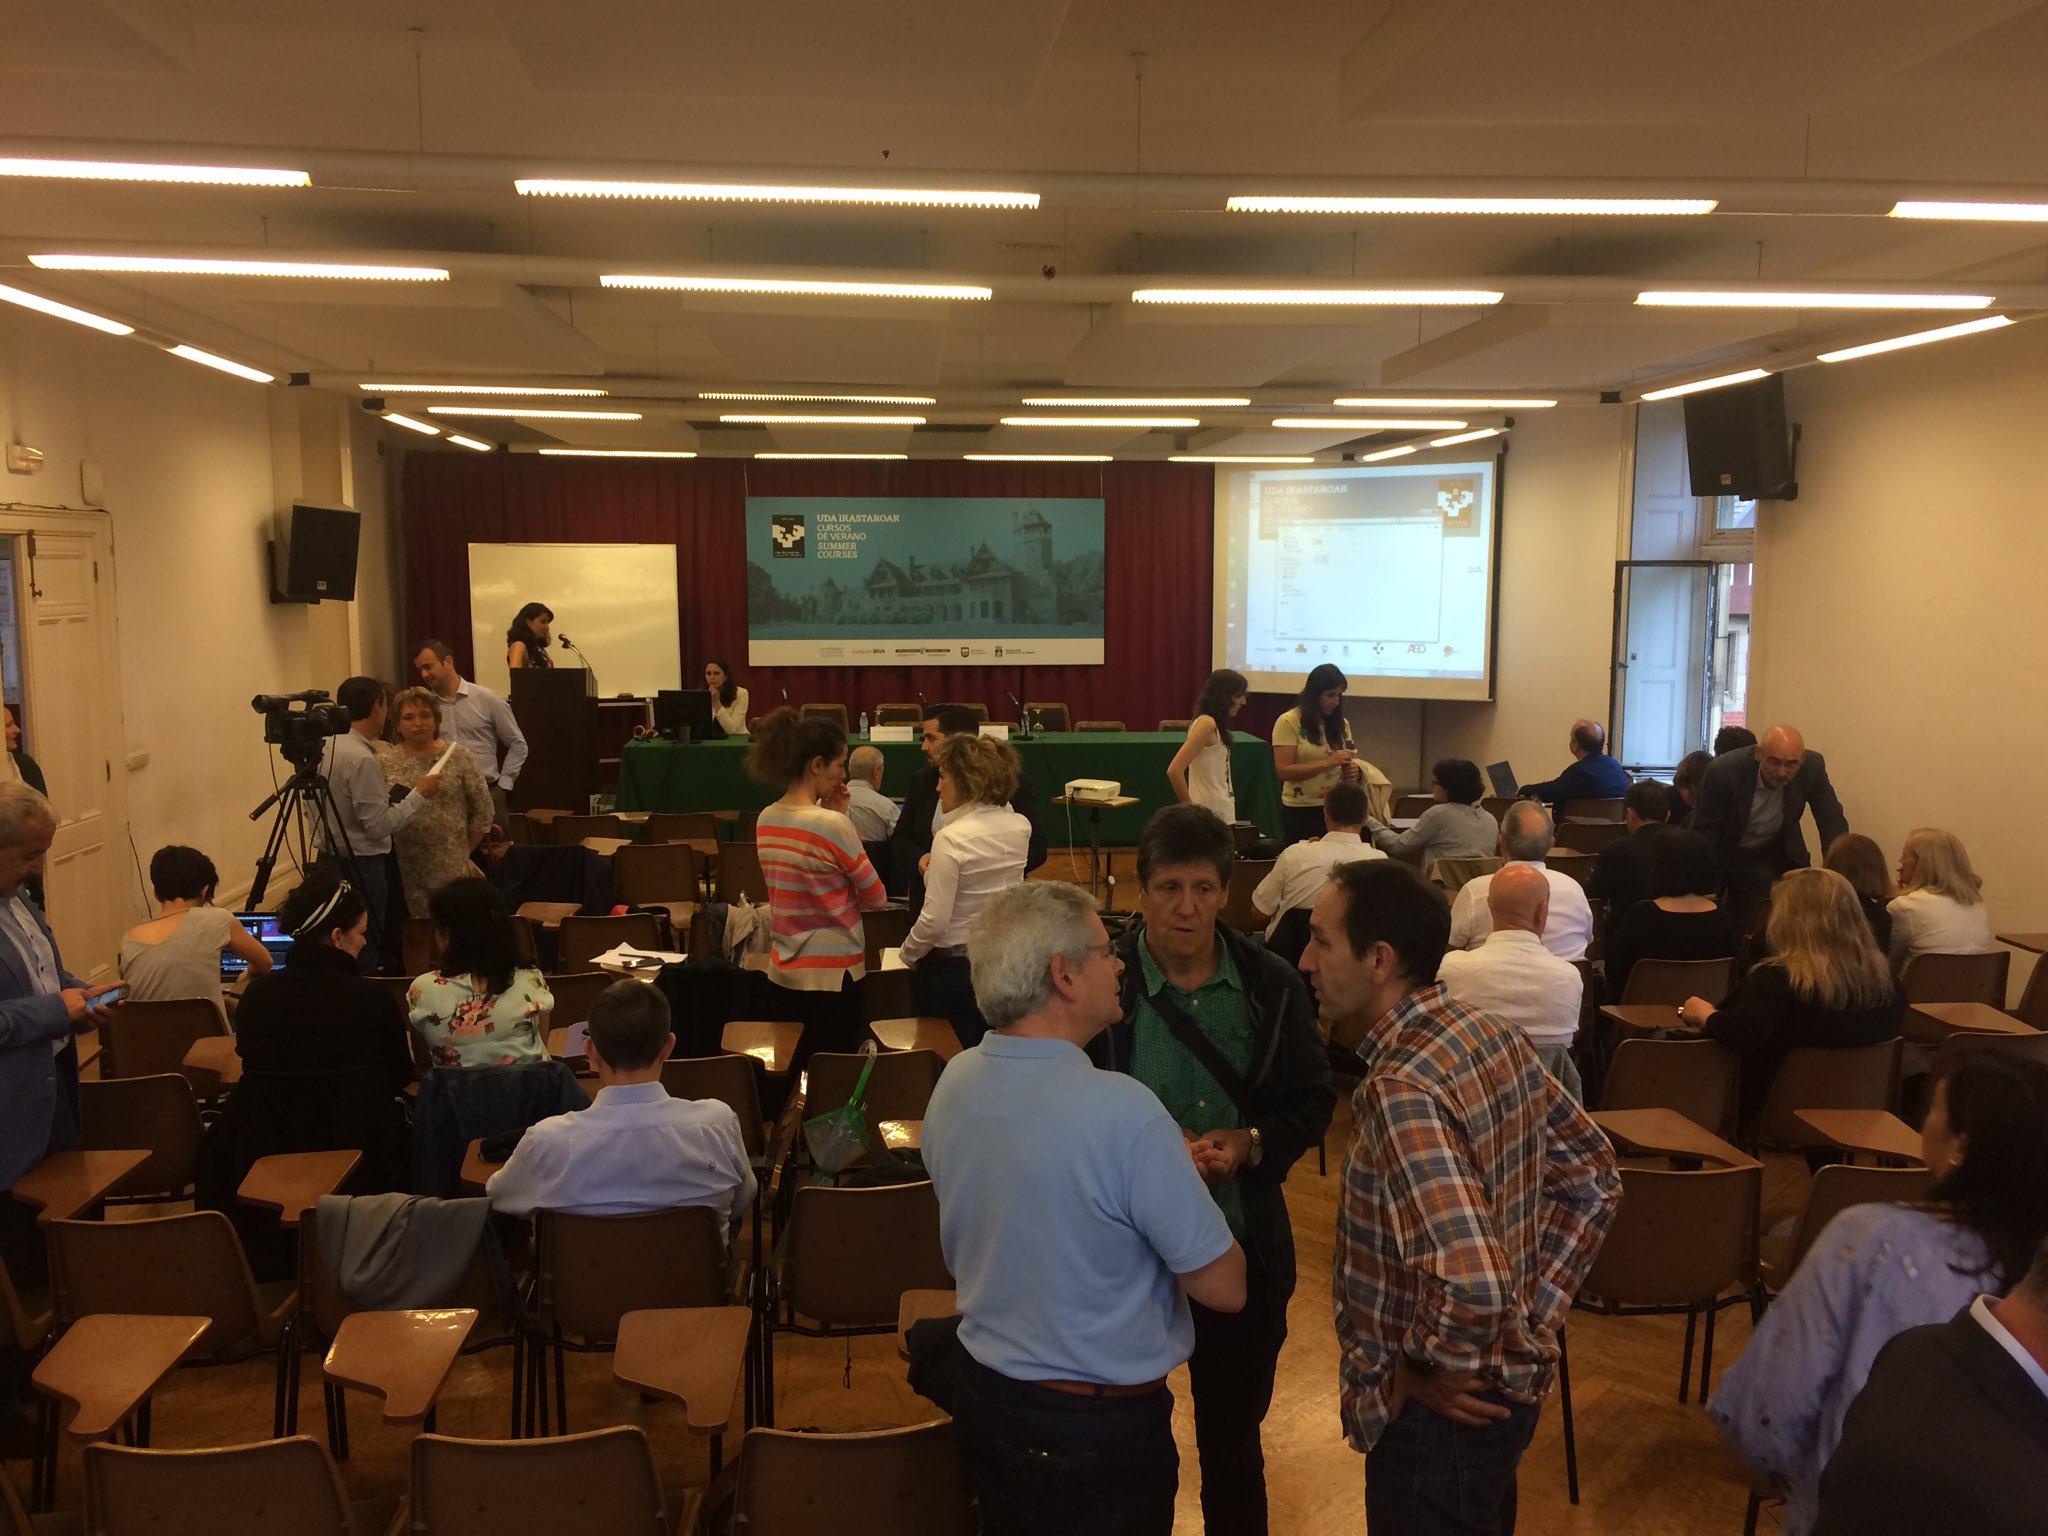 En breve comenzamos el #ehealthdonostia la sala empieza a animarse. Momento de encuentros y saludos https://t.co/leTwvegct6